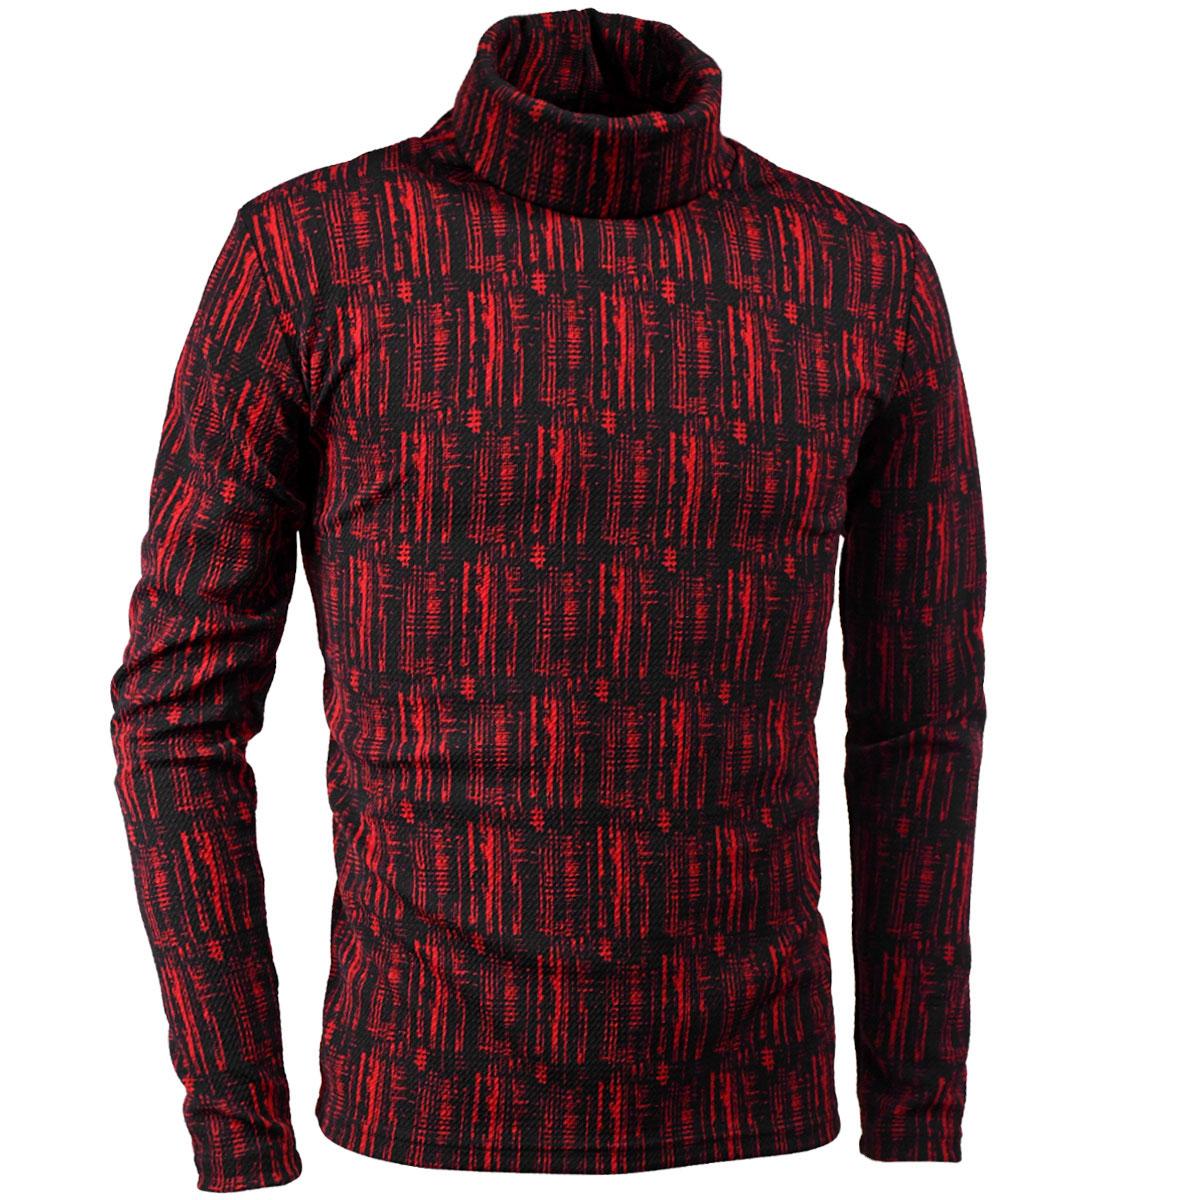 タートルネックシャツ ストライプ ムラ柄 メンズ 膨れジャガード 長袖 ストレッチ 日本製 mens(レッド赤ブラック黒)